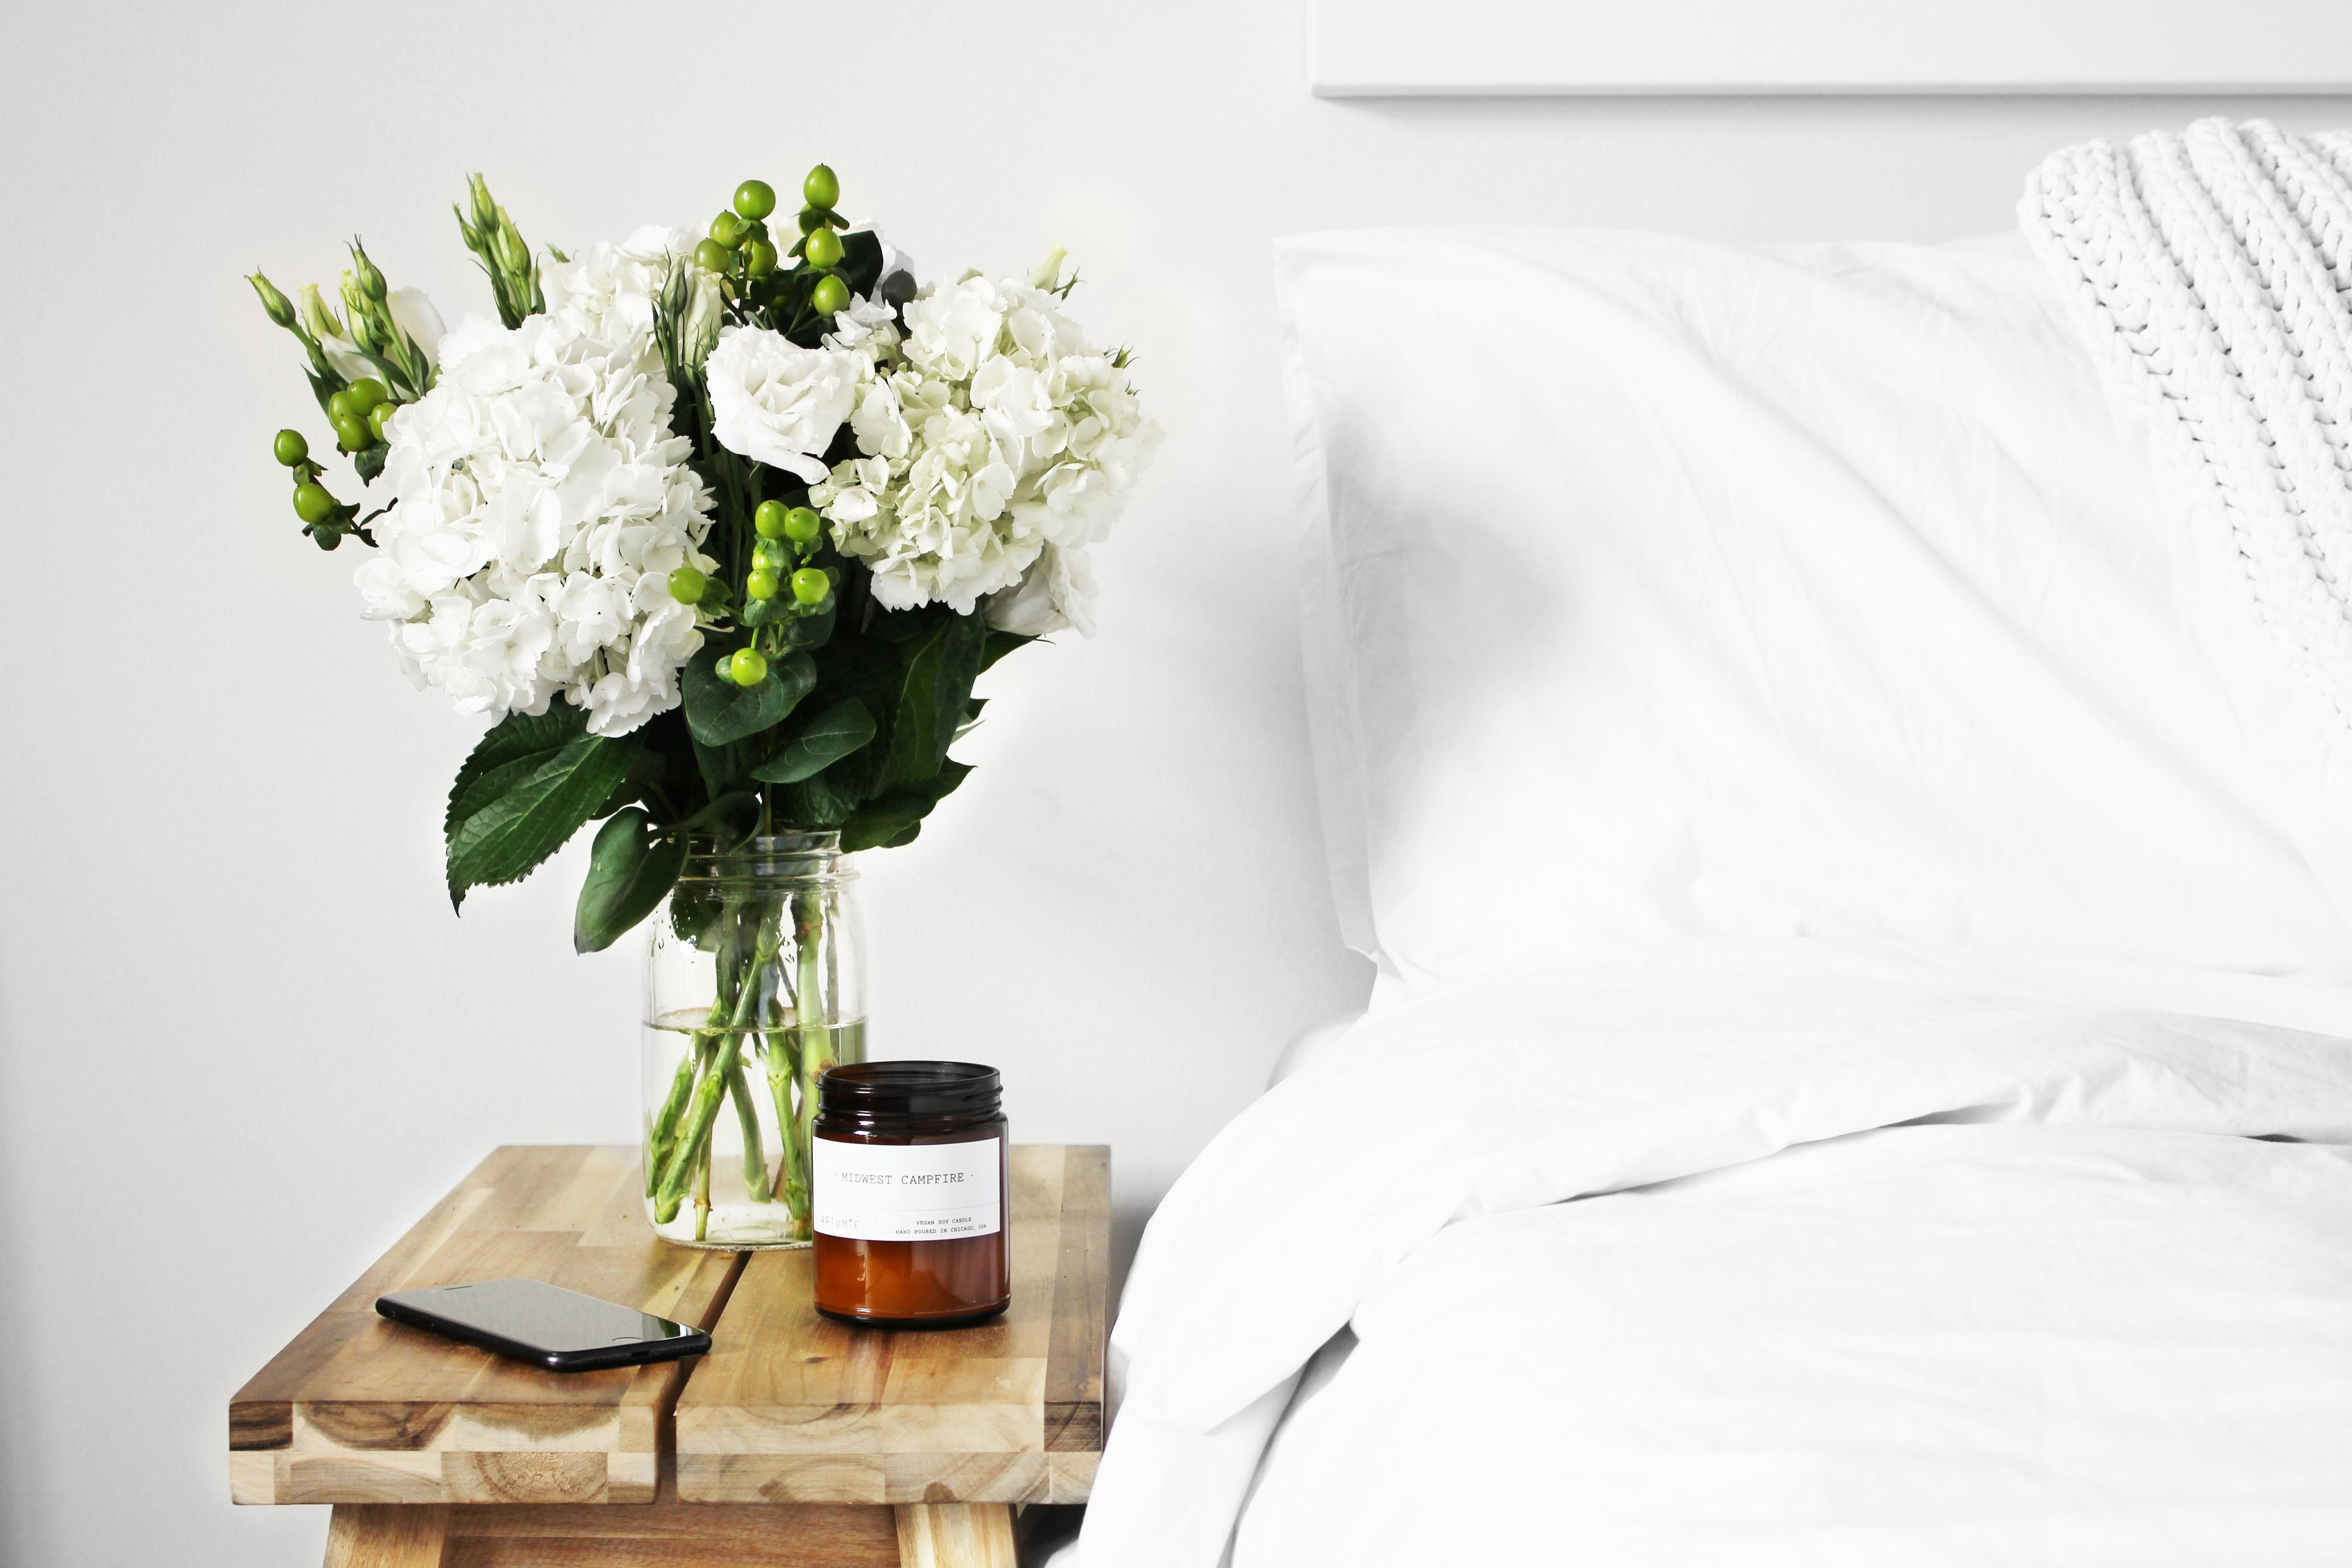 fiori ed essenze naturali per il benessere ecologico in hotel